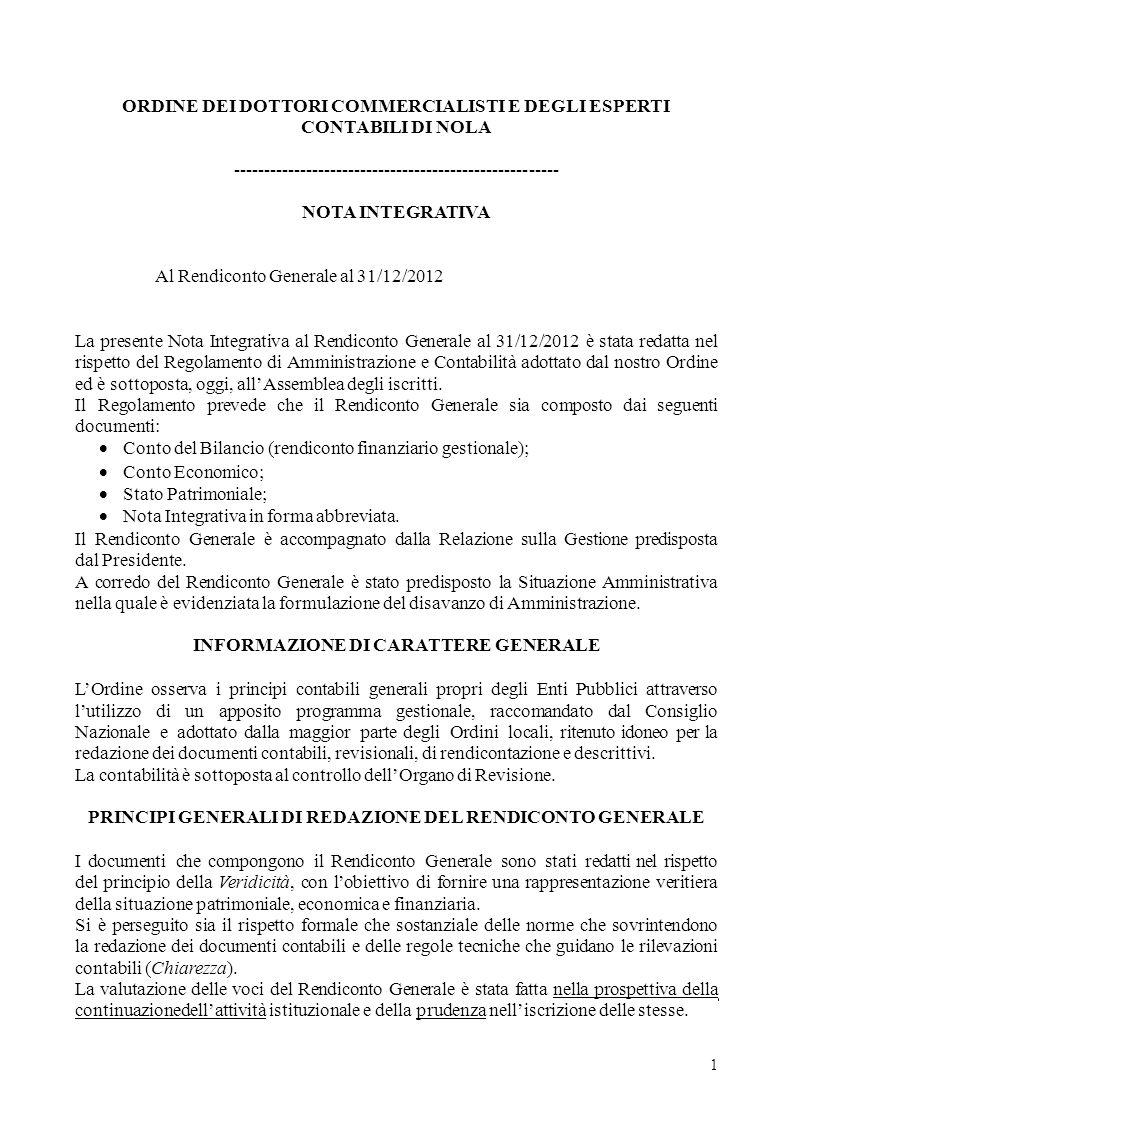 ORDINE DEI DOTTORI COMMERCIALISTI E DEGLI ESPERTI CONTABILI DI NOLA